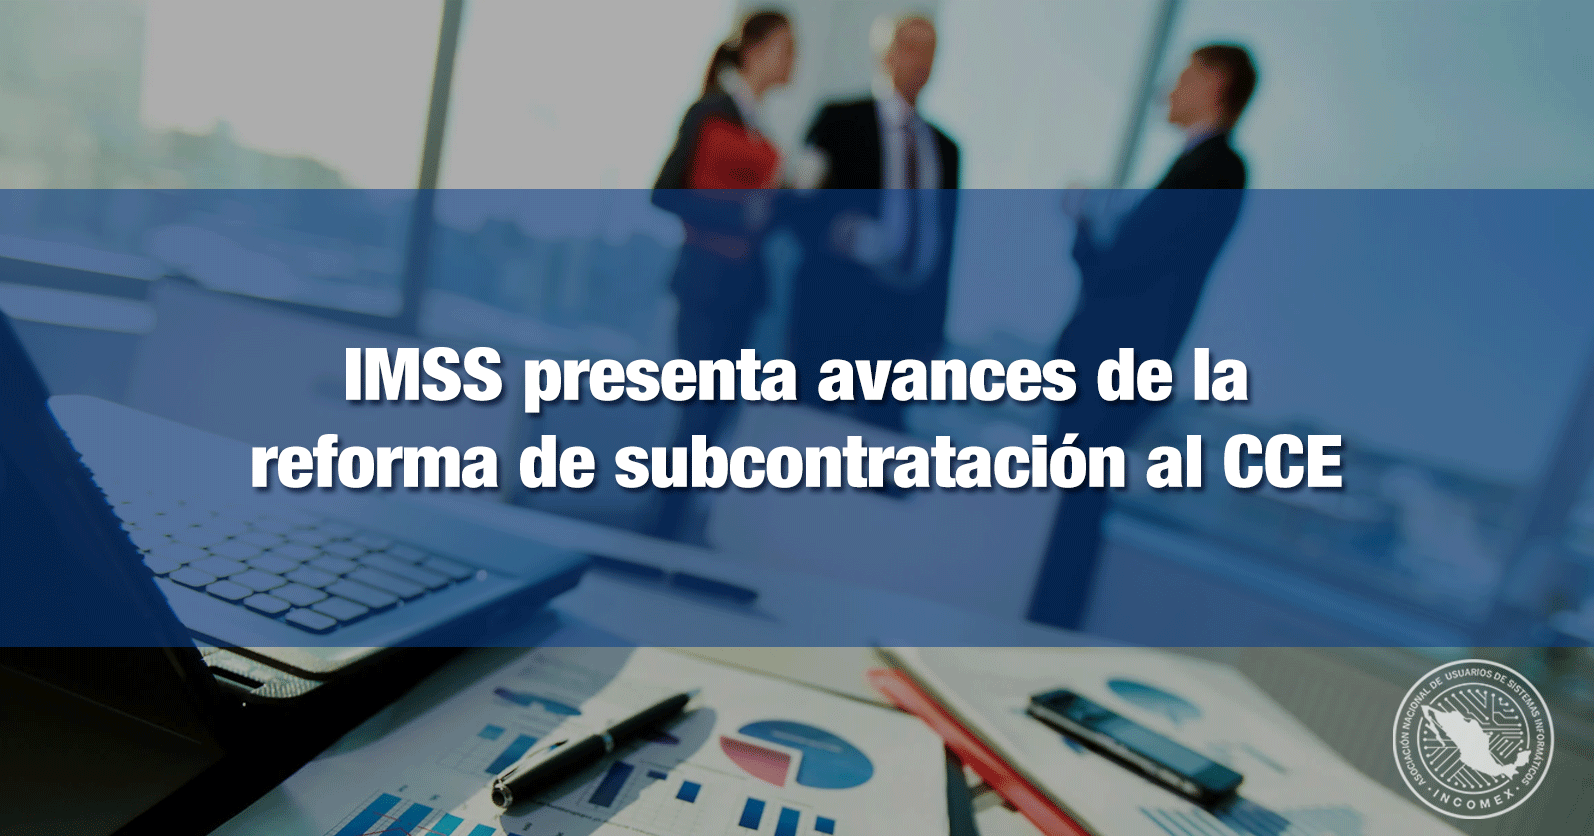 IMSS presenta avances de la reforma de subcontratación al sector empresarial